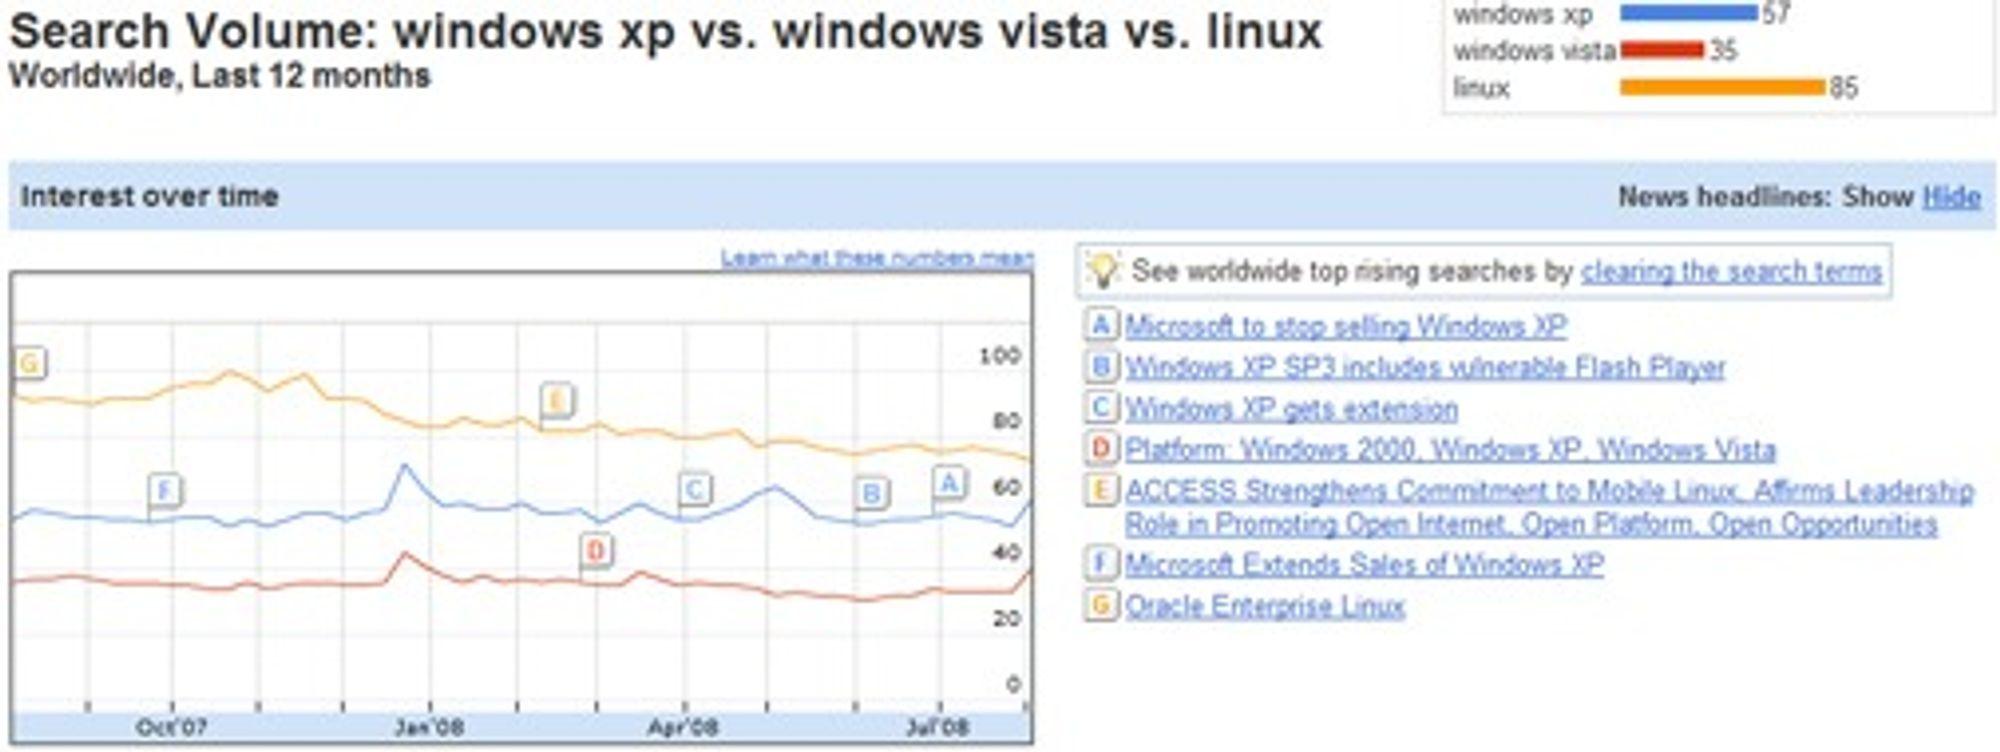 Tjenesten viser at færre søker etter «Windows Vista» enn både «Windows XP» og «Linux». Tallene representerer ikke absolutte søketall, men er normalisert og presentert i en skala fra 0-100.